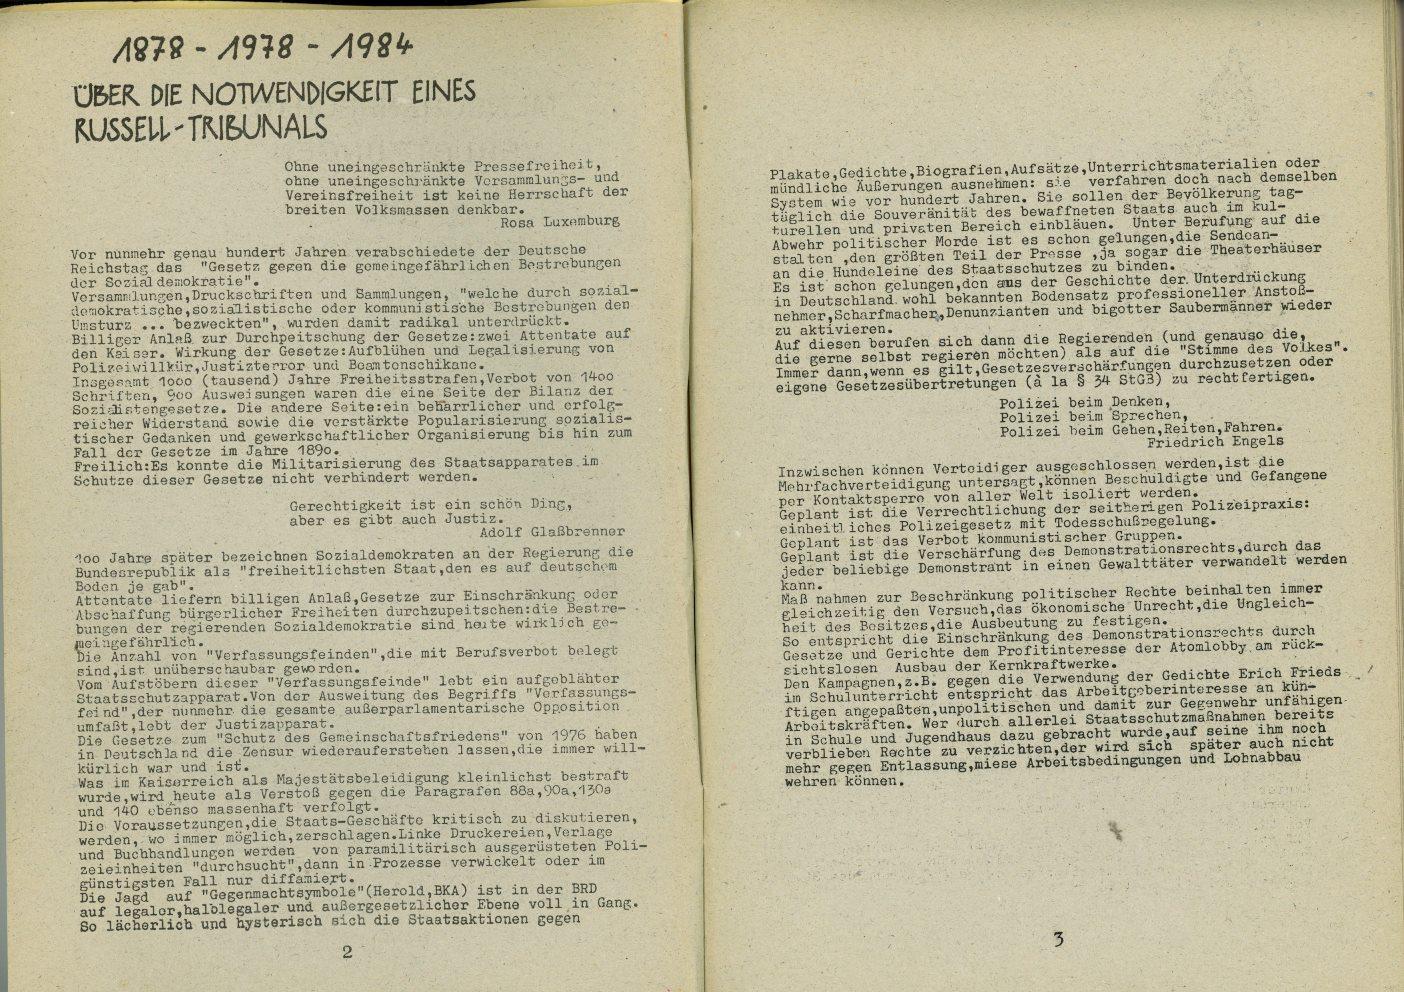 Stuttgart_AGRT_Menschenrechtsverletzungen_Leseheft_1978_03